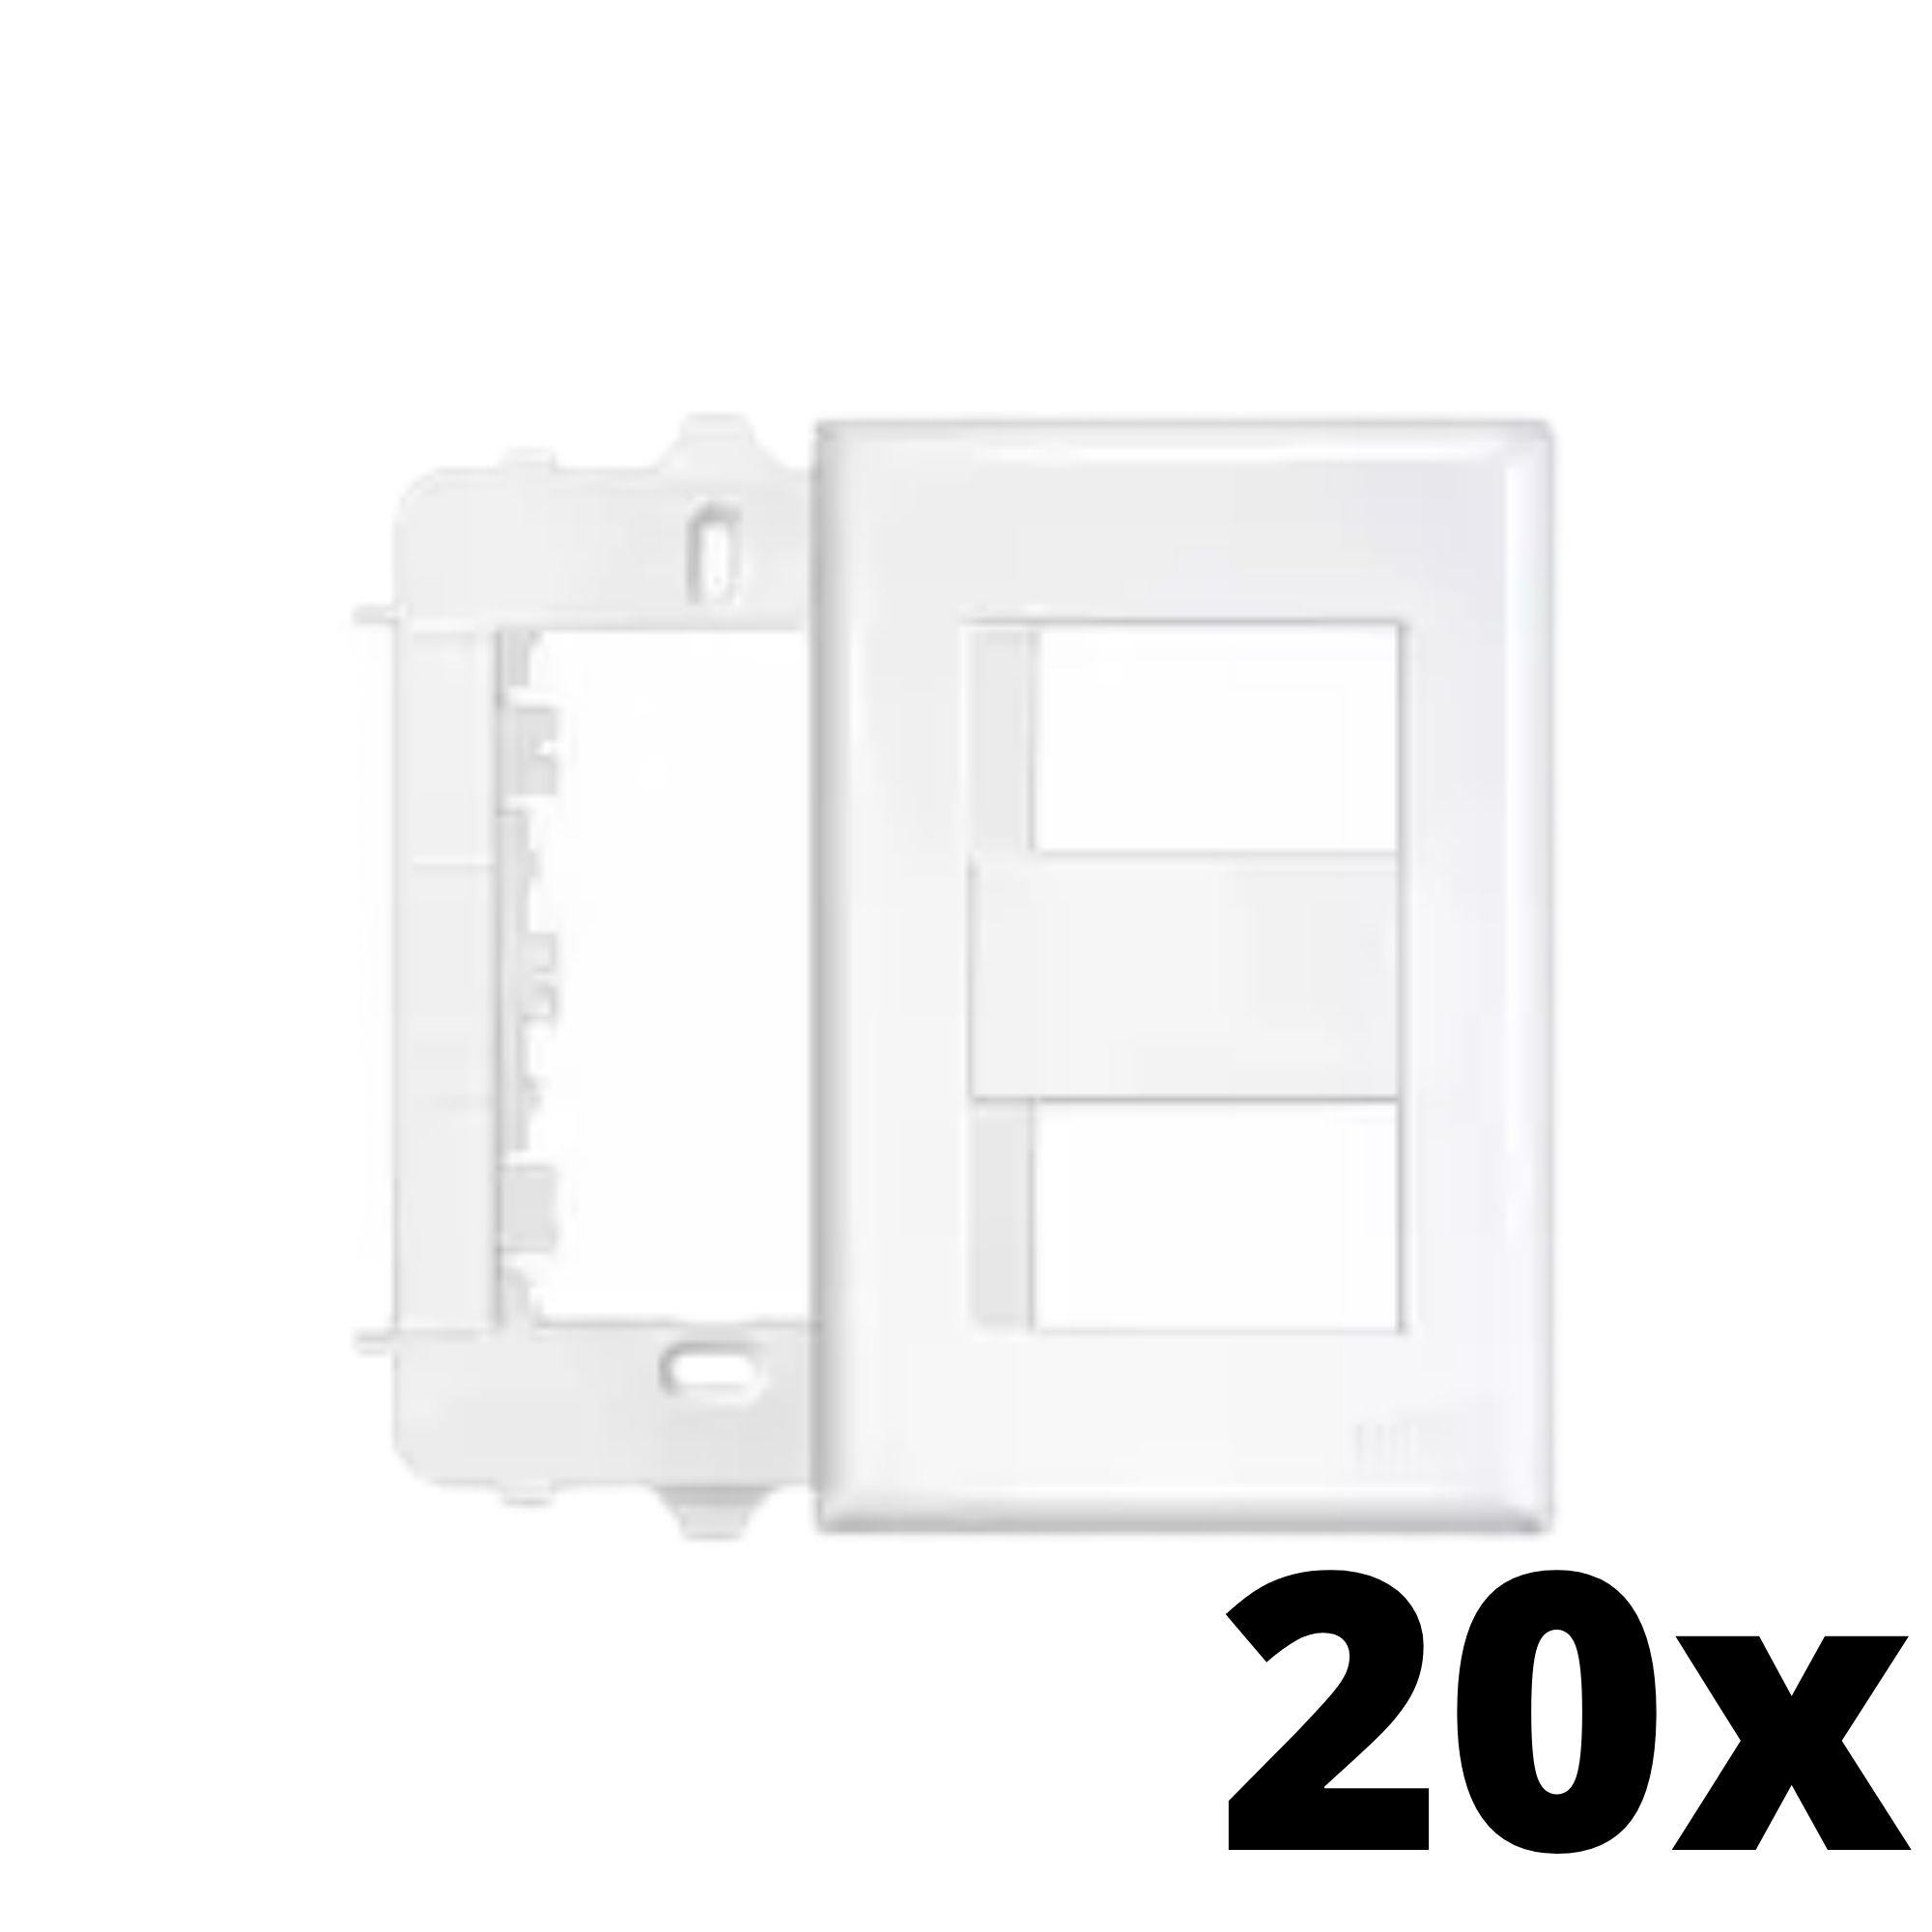 Kit 20 und Evidence Placa 4x2 2 Seções Distanciadas